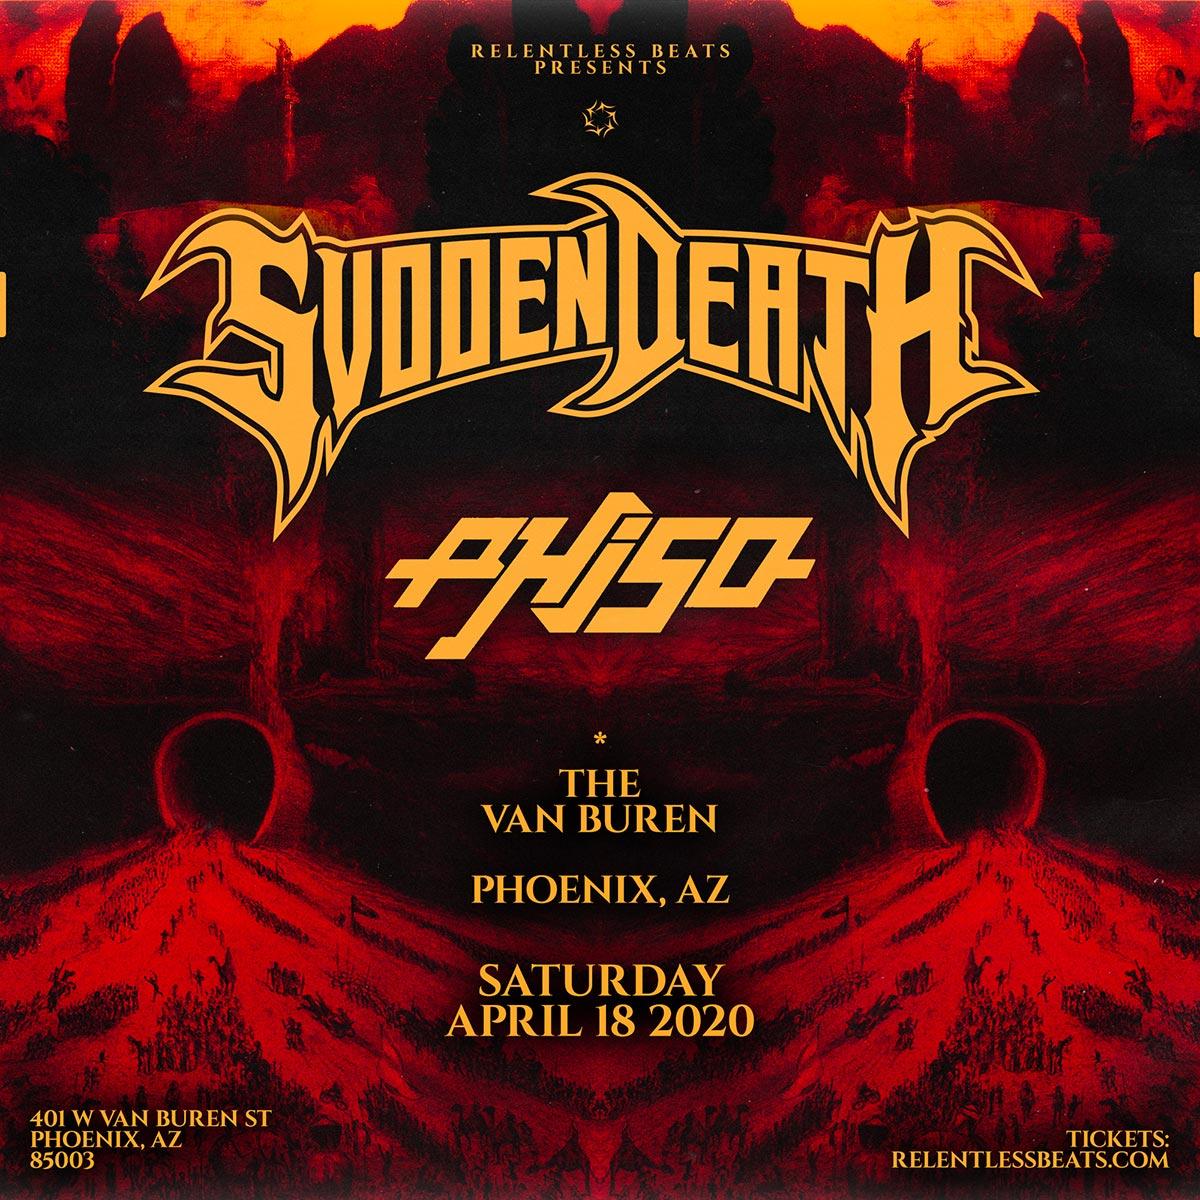 Flyer for Postponed - Svdden Death + Phiso